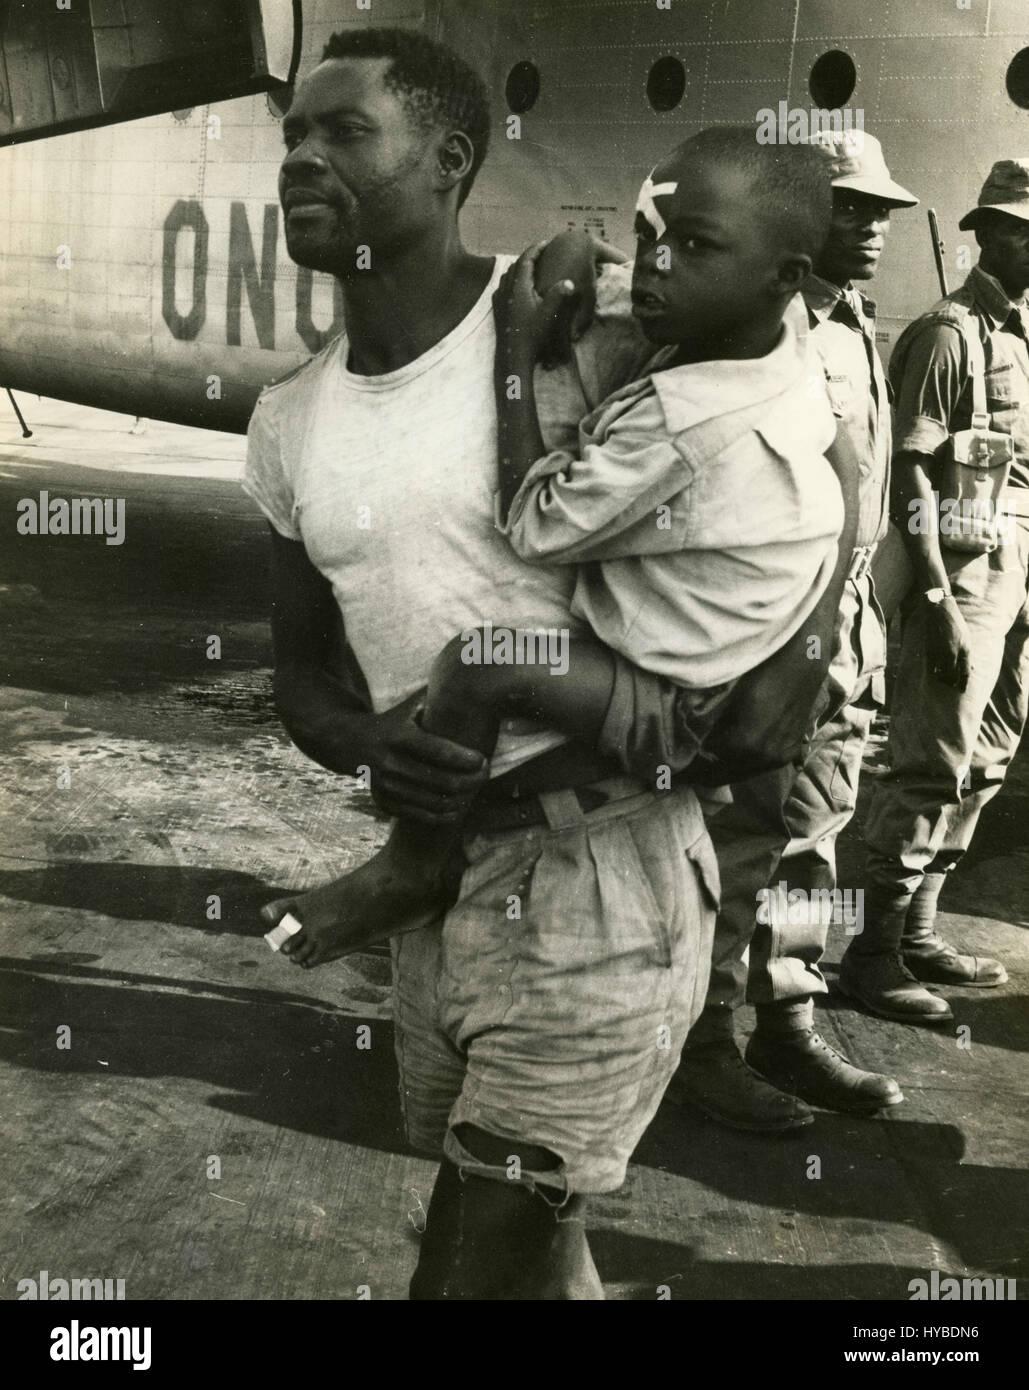 Baluba refugee with his son evacuated from Elizabethville, Luluabourg, Congo Stock Photo